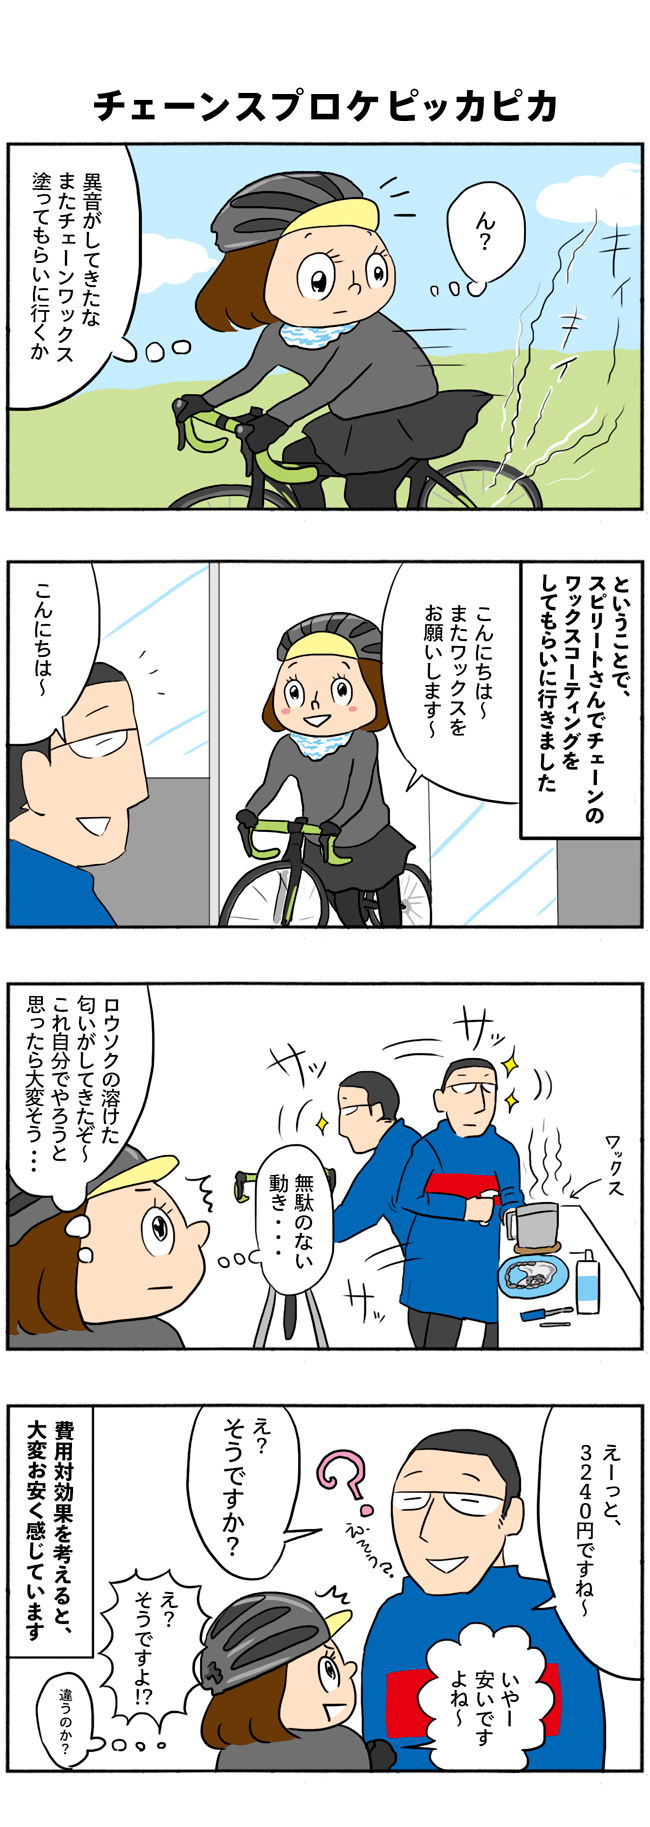 【漫画】チェーンスプロケピッカピカ(呪文) ワックスコーティングで今まで真っ黒だったところが常にピカピカです!!超オススメ!